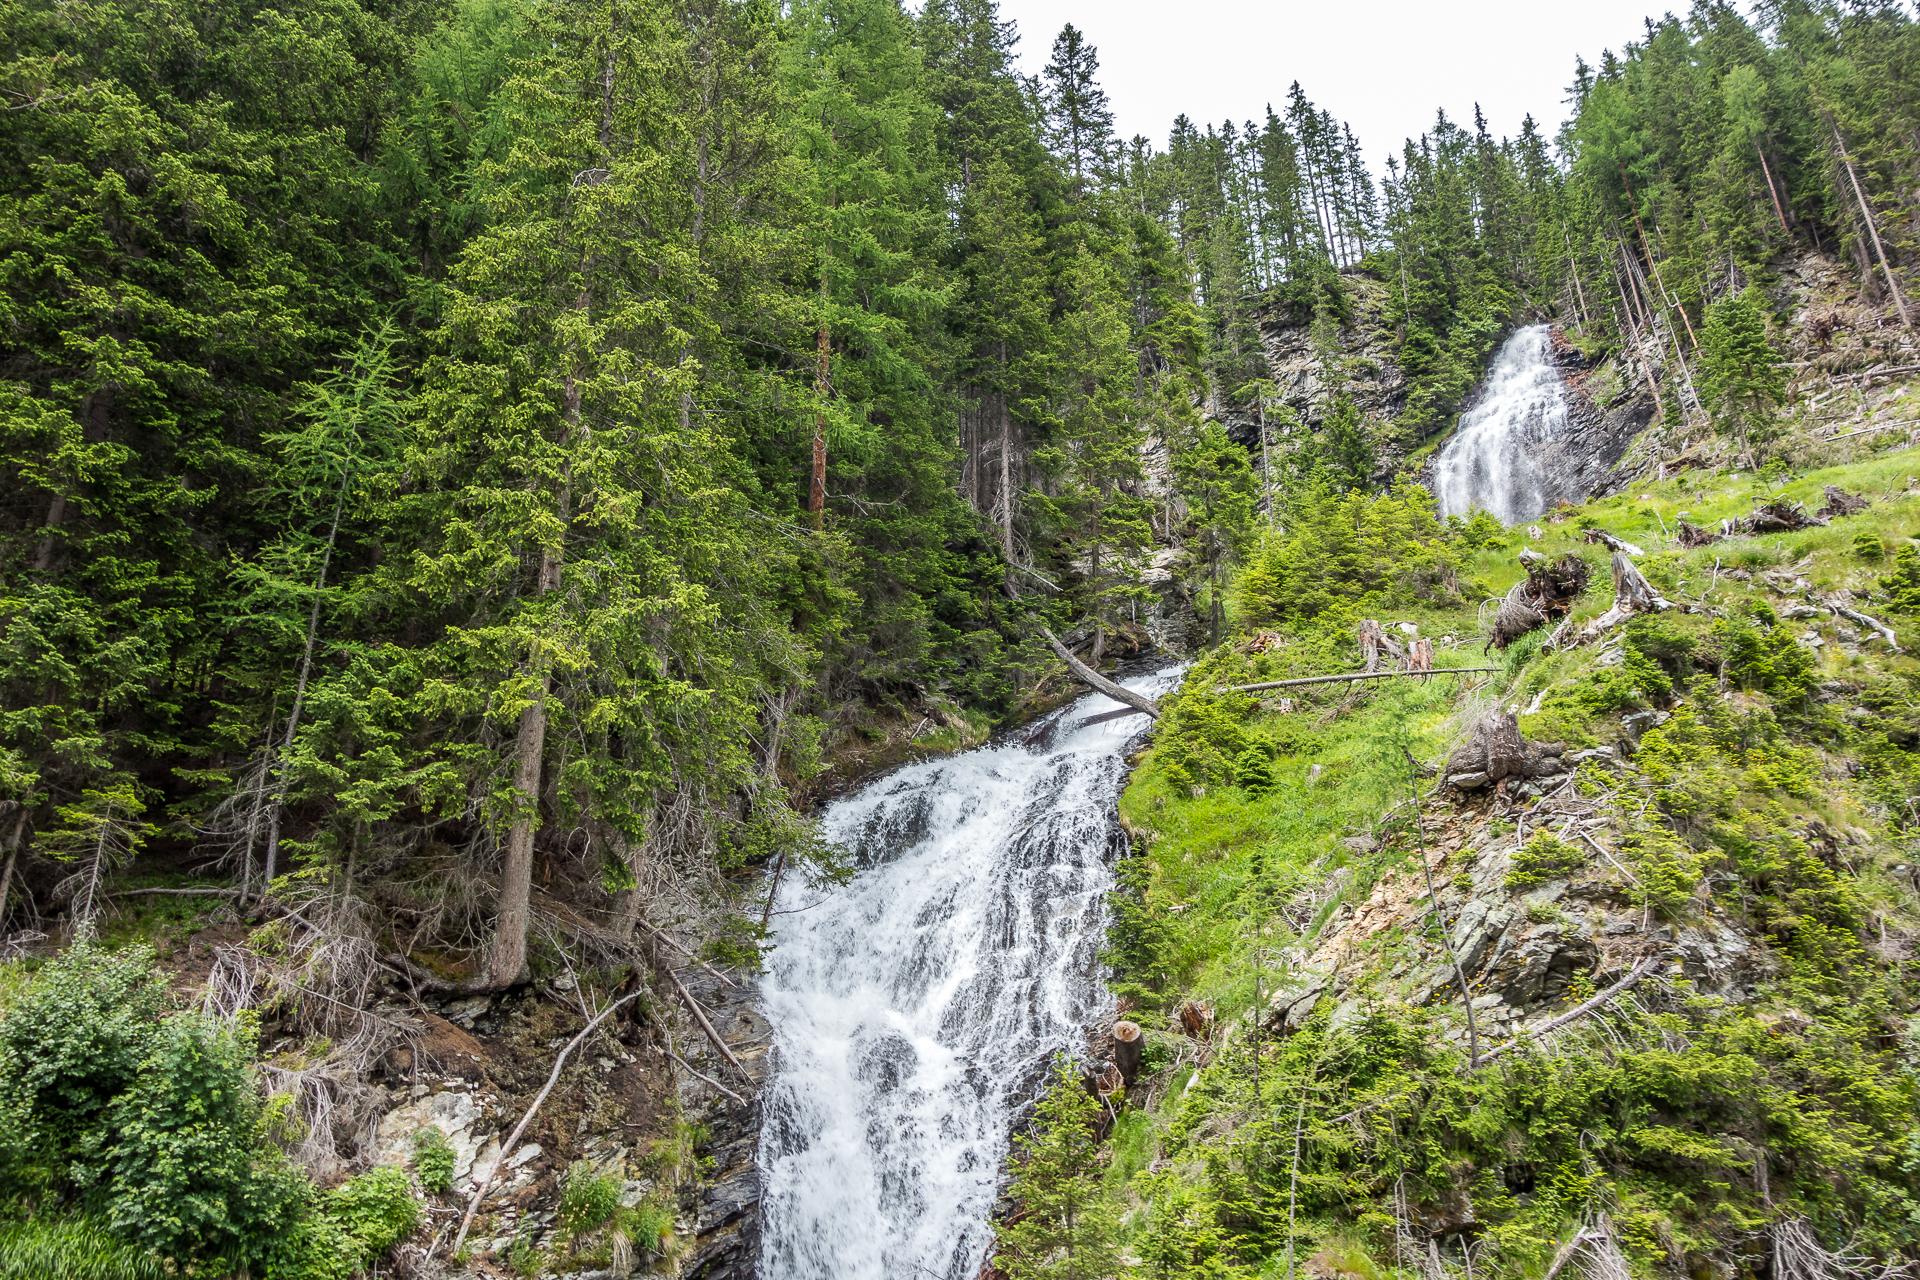 Wilde-Wasser-Wasserfall-Innergschloess